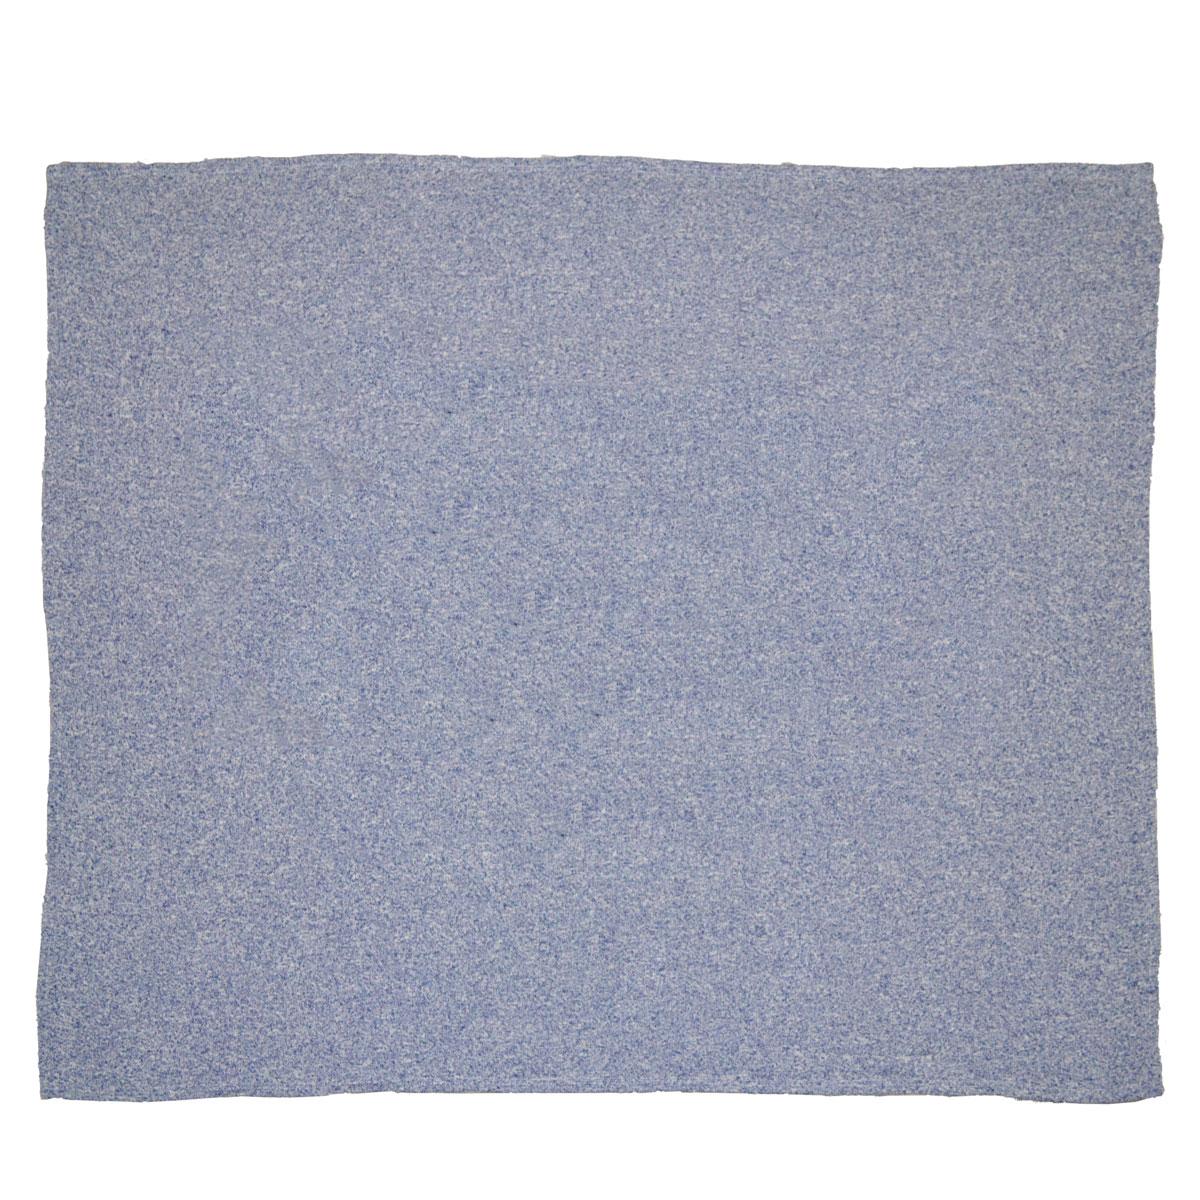 DSSB-DistressedSweatshirtBlanket-Navy-Blank